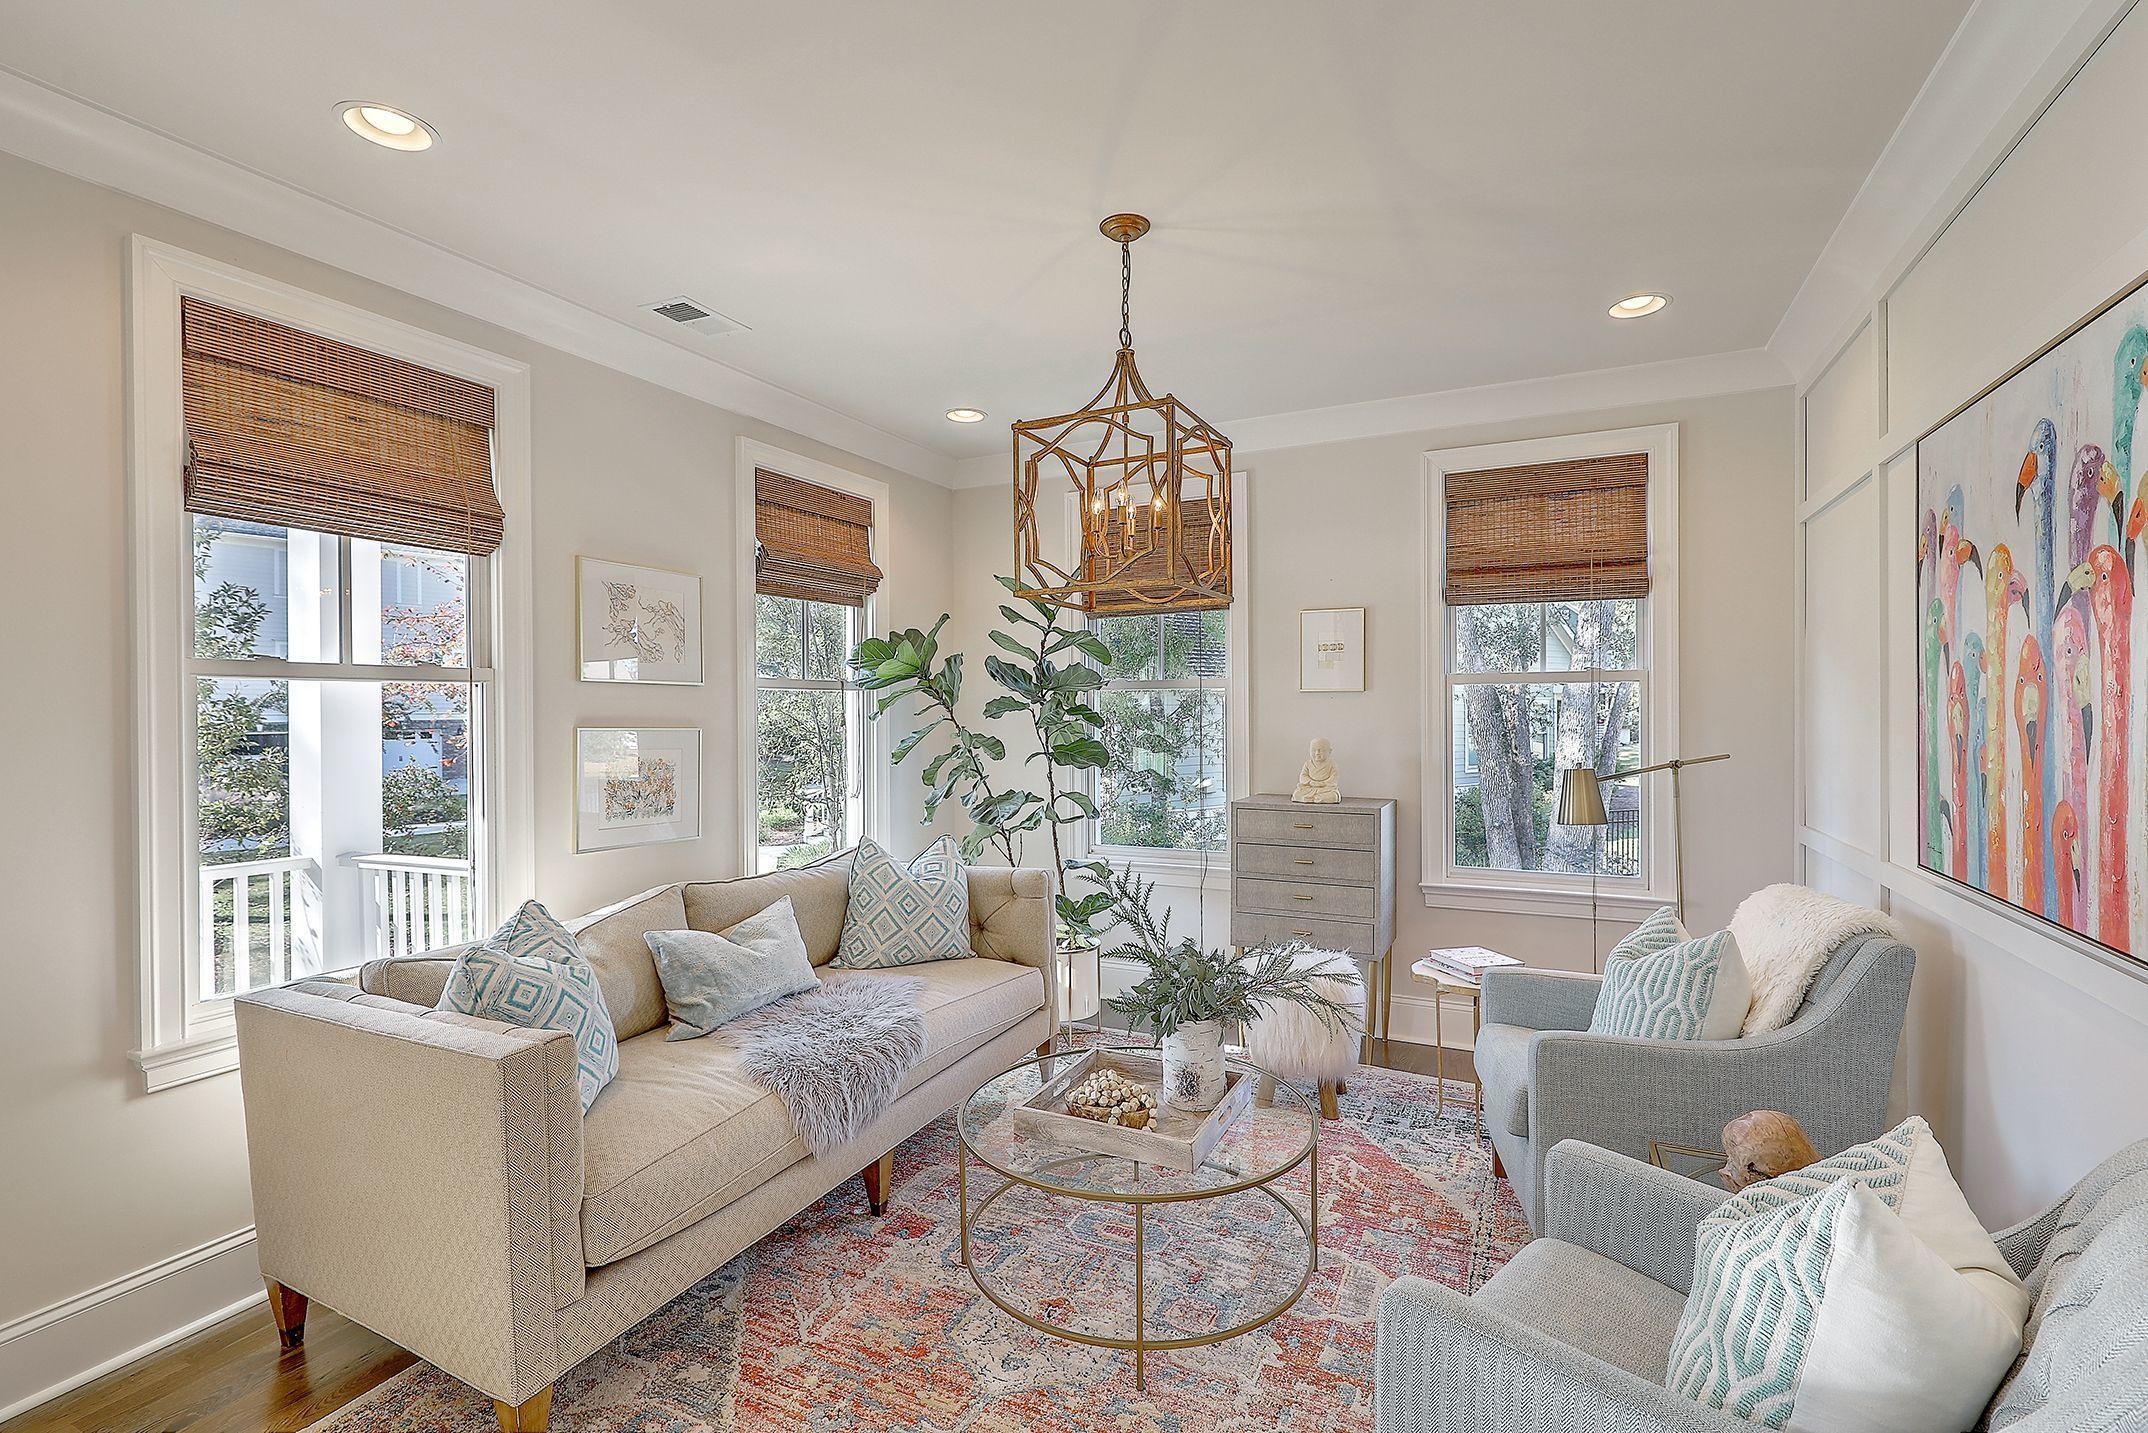 Park West Homes For Sale - 1587 Capel, Mount Pleasant, SC - 2